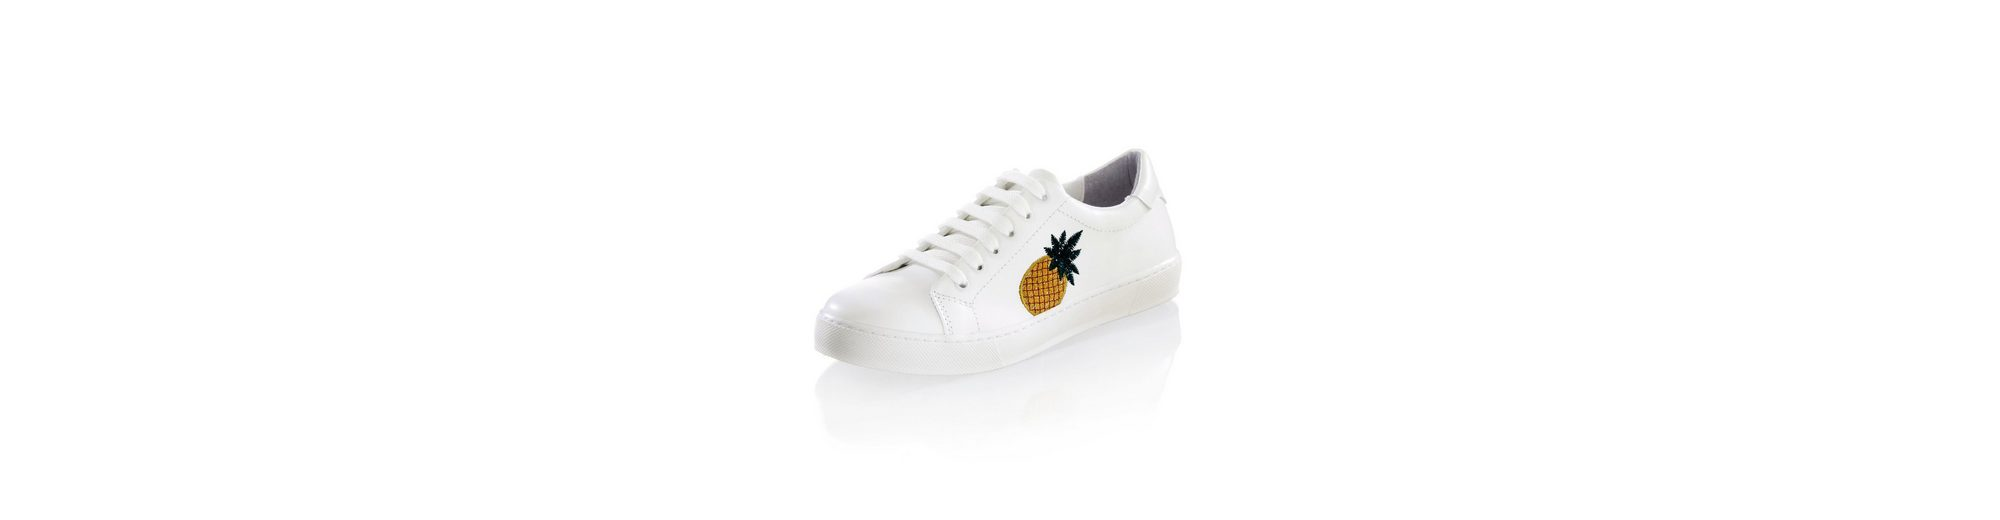 Preise Für Verkauf Alba Moda Sneaker setilich mit Ananas-Stickerei Billigshop KRYzjix